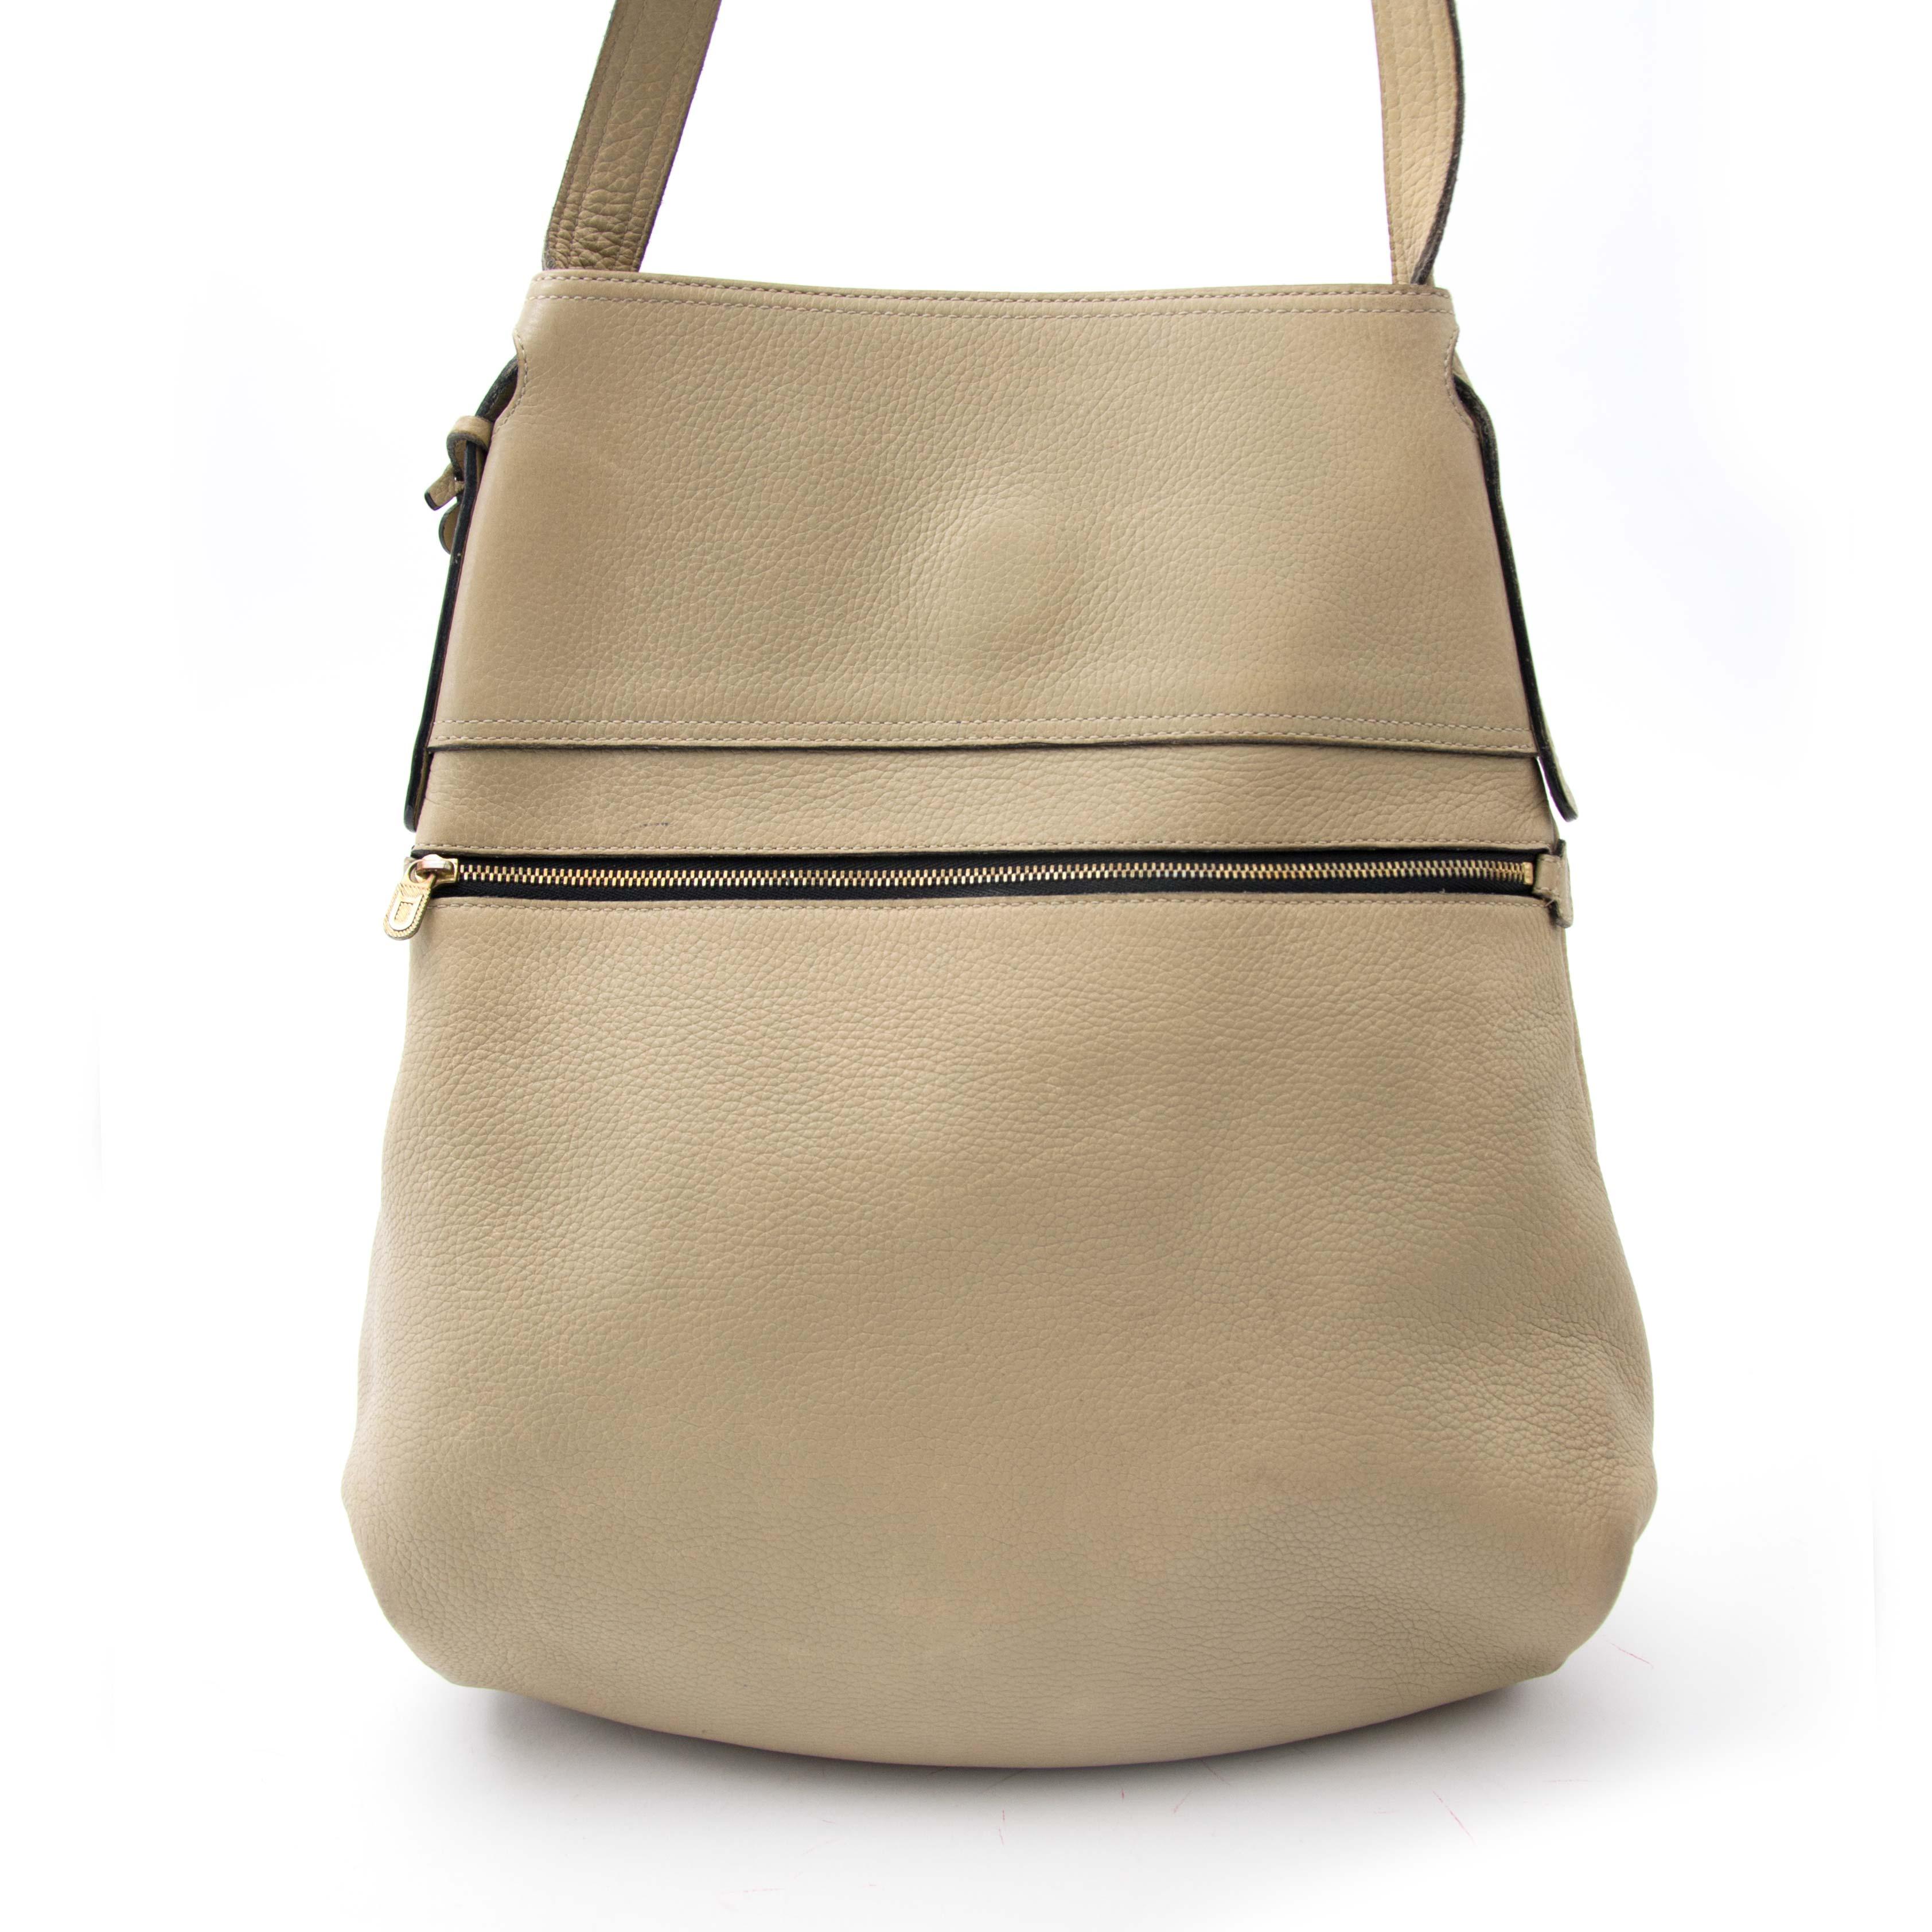 koop online aan de best prijs Delvaux Sand Faust Bag